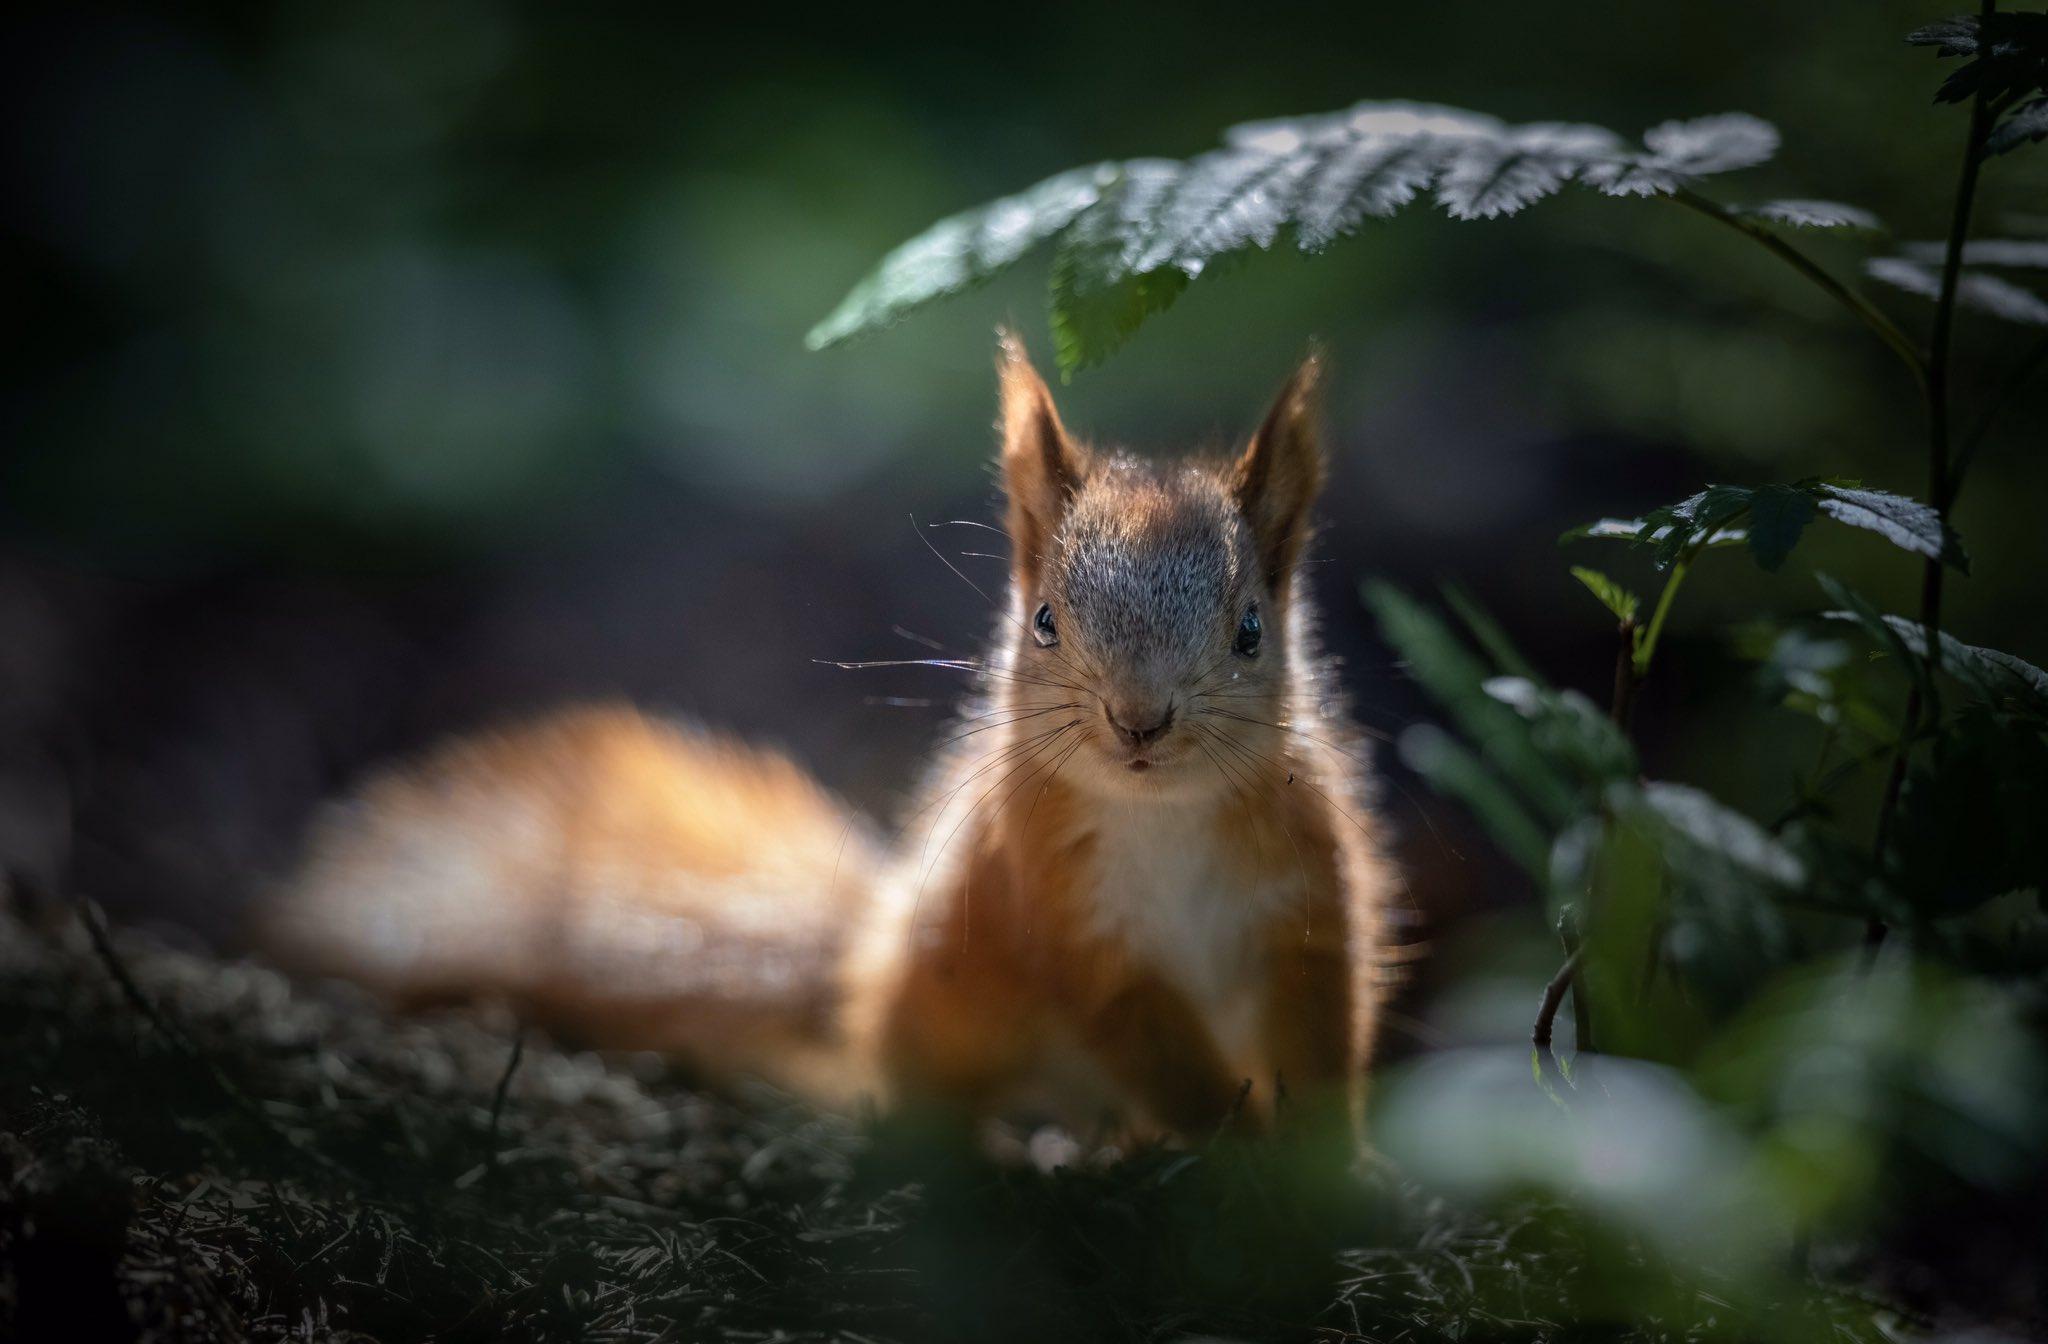 fotografa-registra-esquilos-vermelhos-bebes